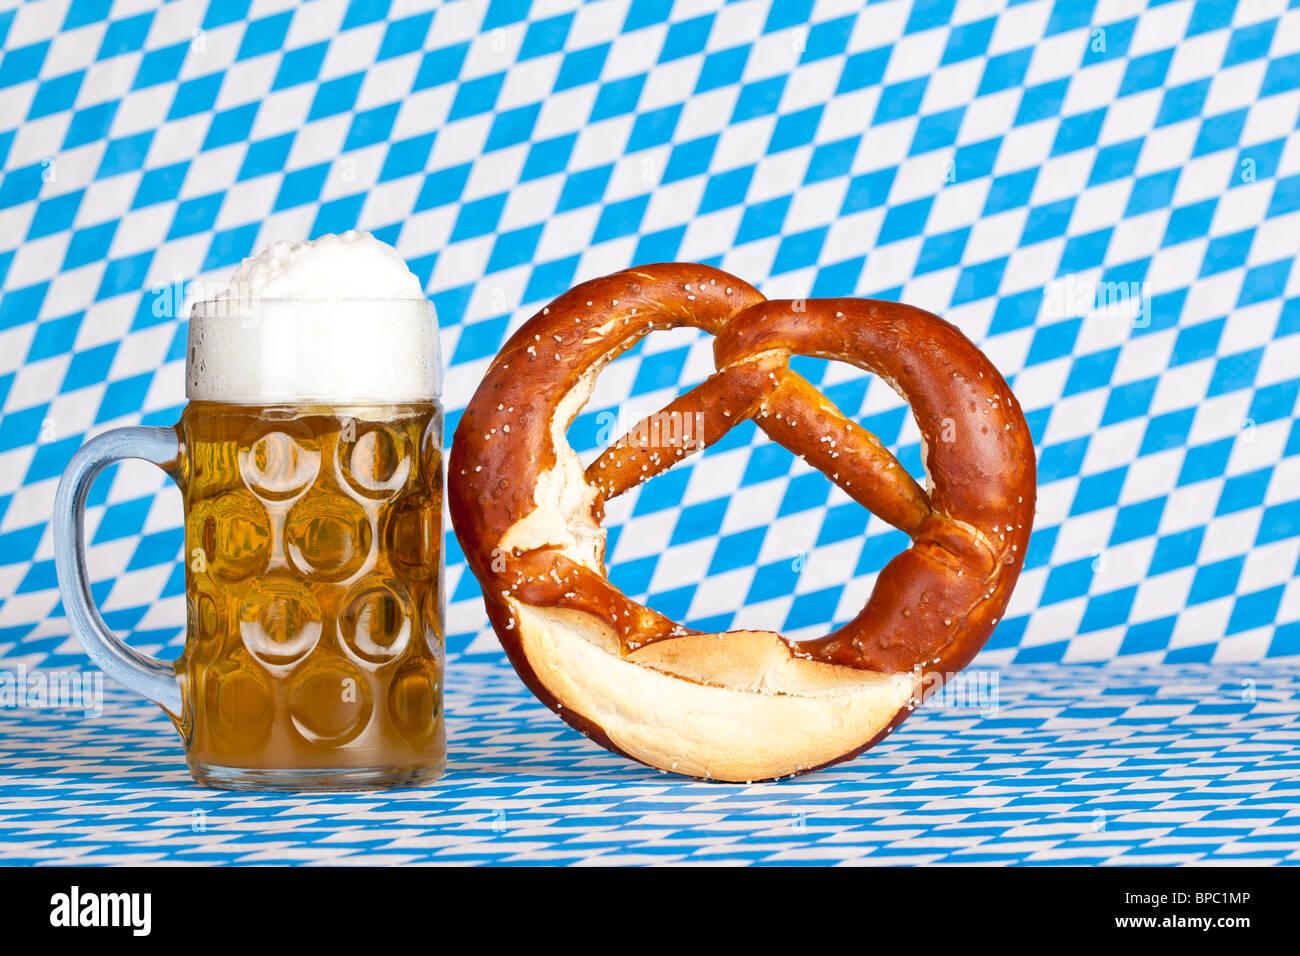 oktoberfest beer stein with pretzel and bavarian flag in background